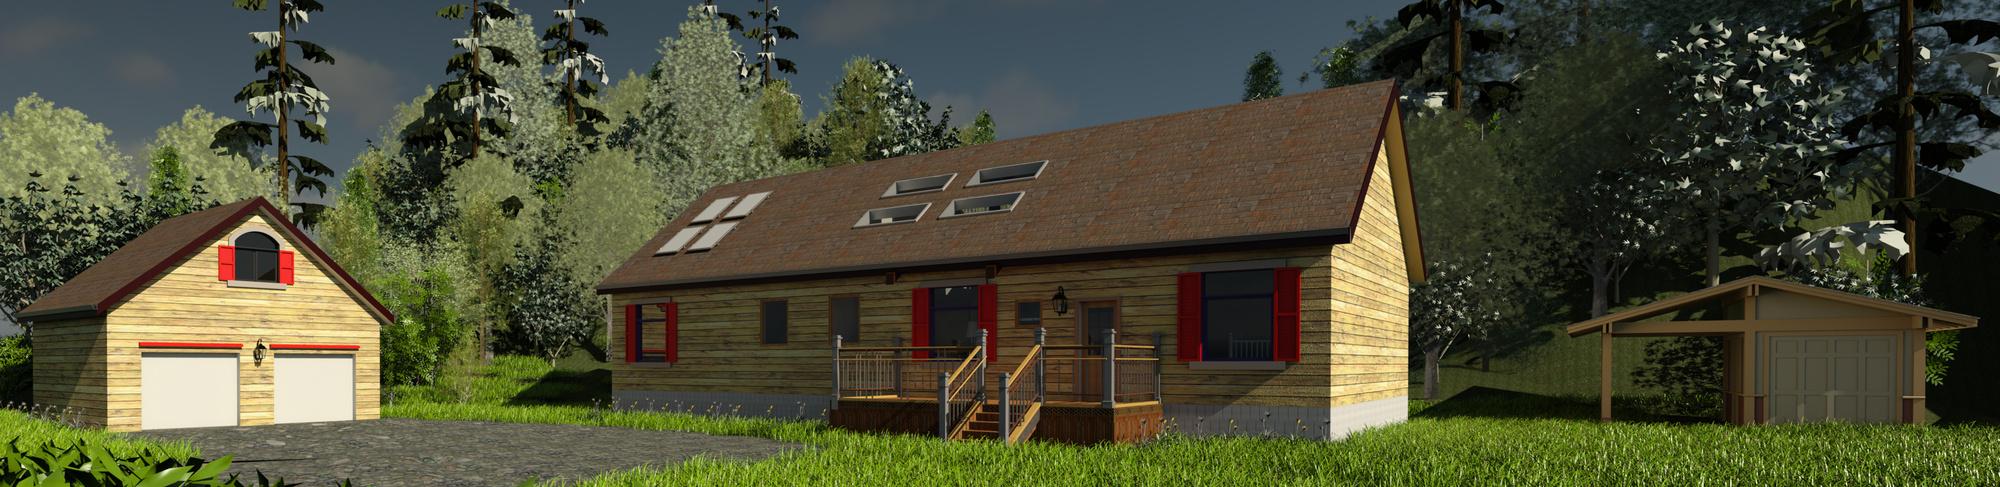 Raas-rendering20150402-3450-1xeydra